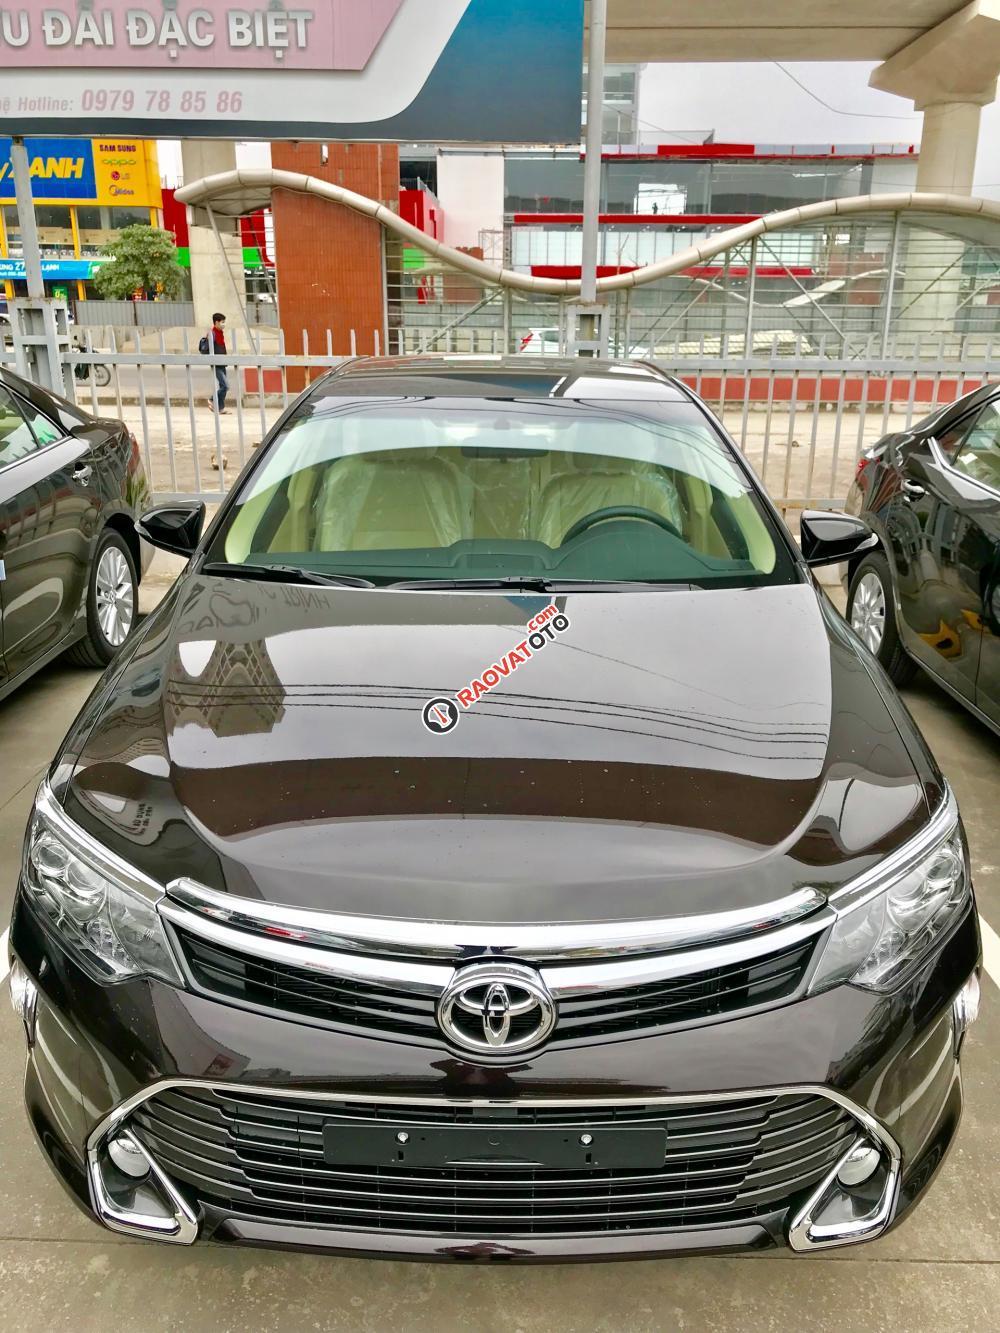 Cần bán xe Toyota Camry 2.0E đời 2017, màu nâu-1